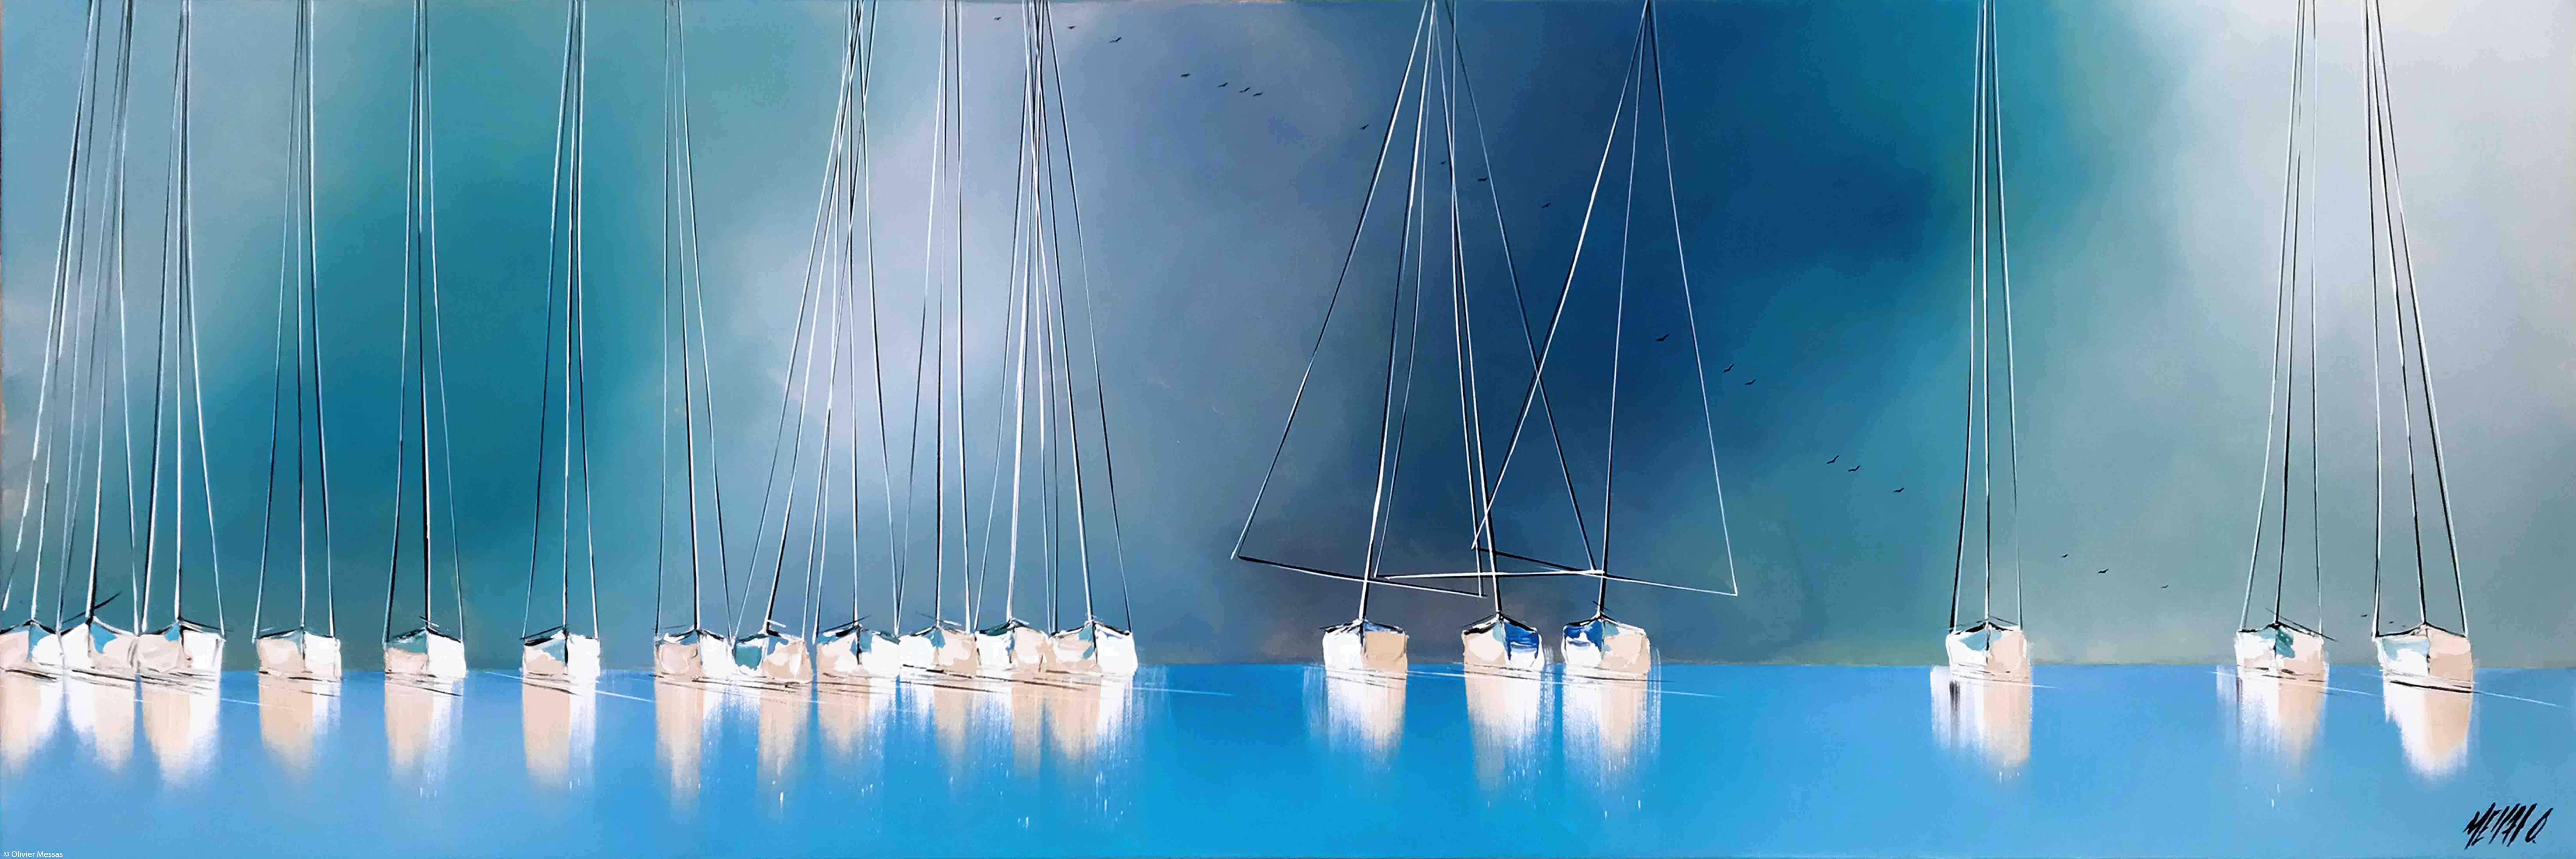 Le chant des mâts... III, 50x150cm